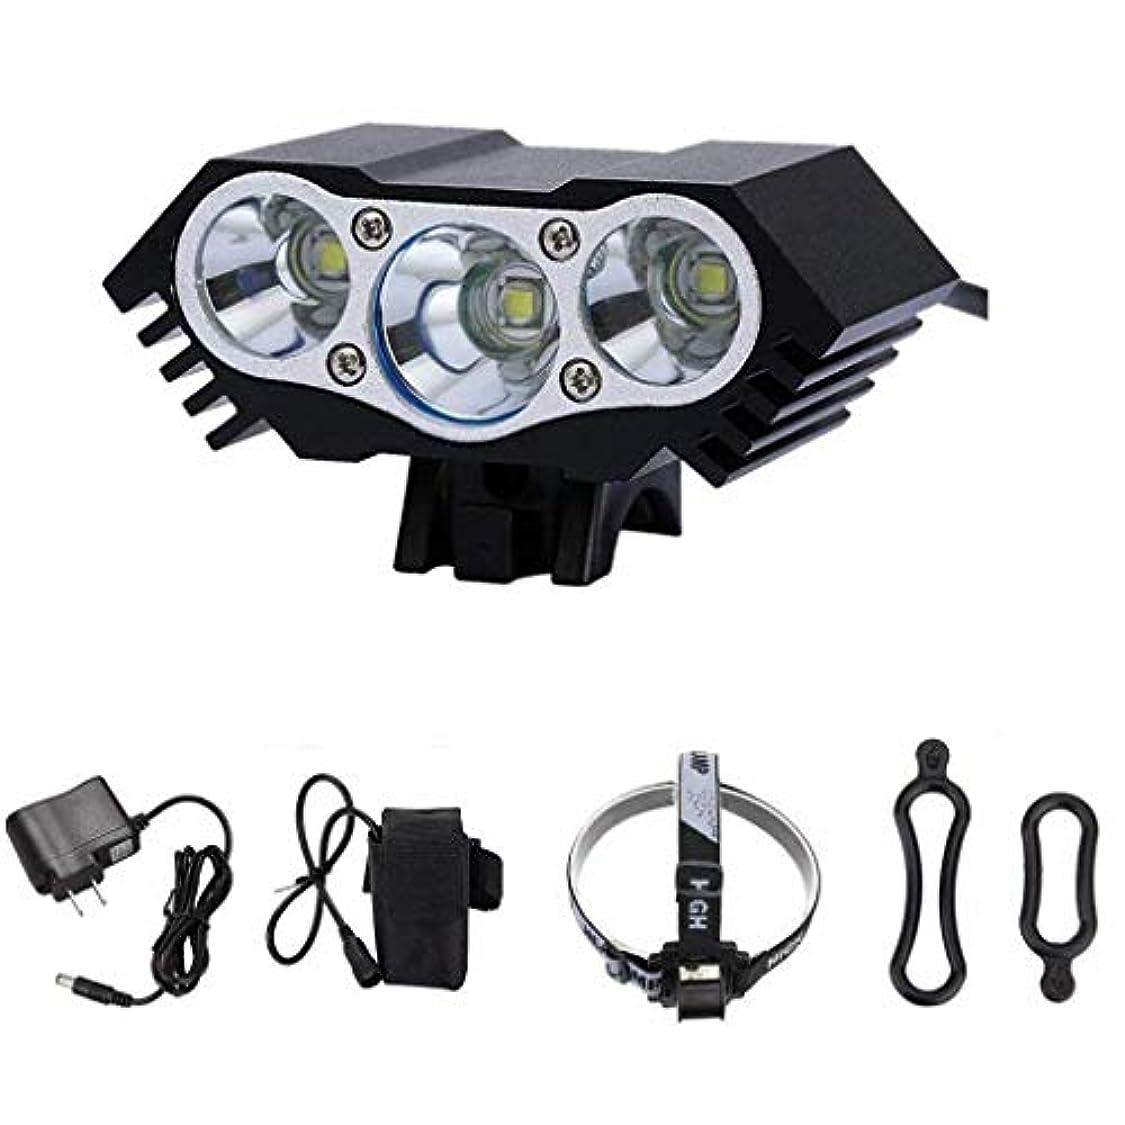 ビルマかび臭いプラカードバイクライトスーパーブライト自転車フロントライト、USB充電式LEDサイクリングライト(8800mAhバッテリー)、防水マウンテンロードサイクル懐中電灯